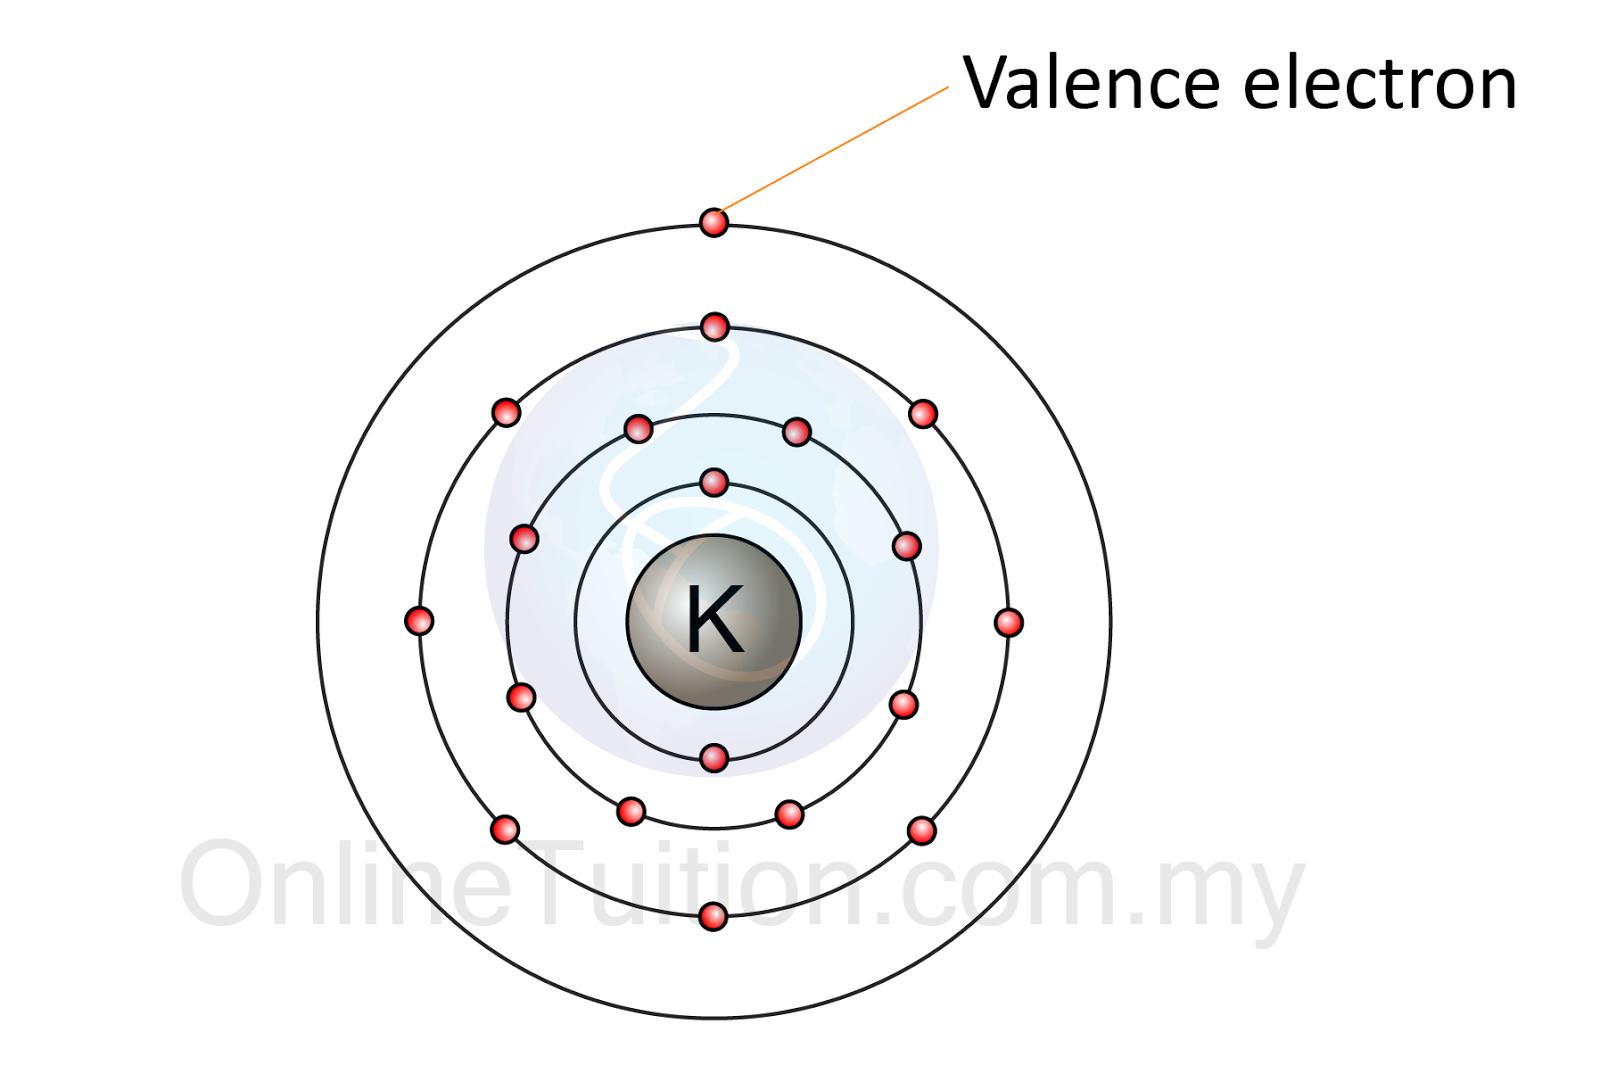 Atoms On Emaze